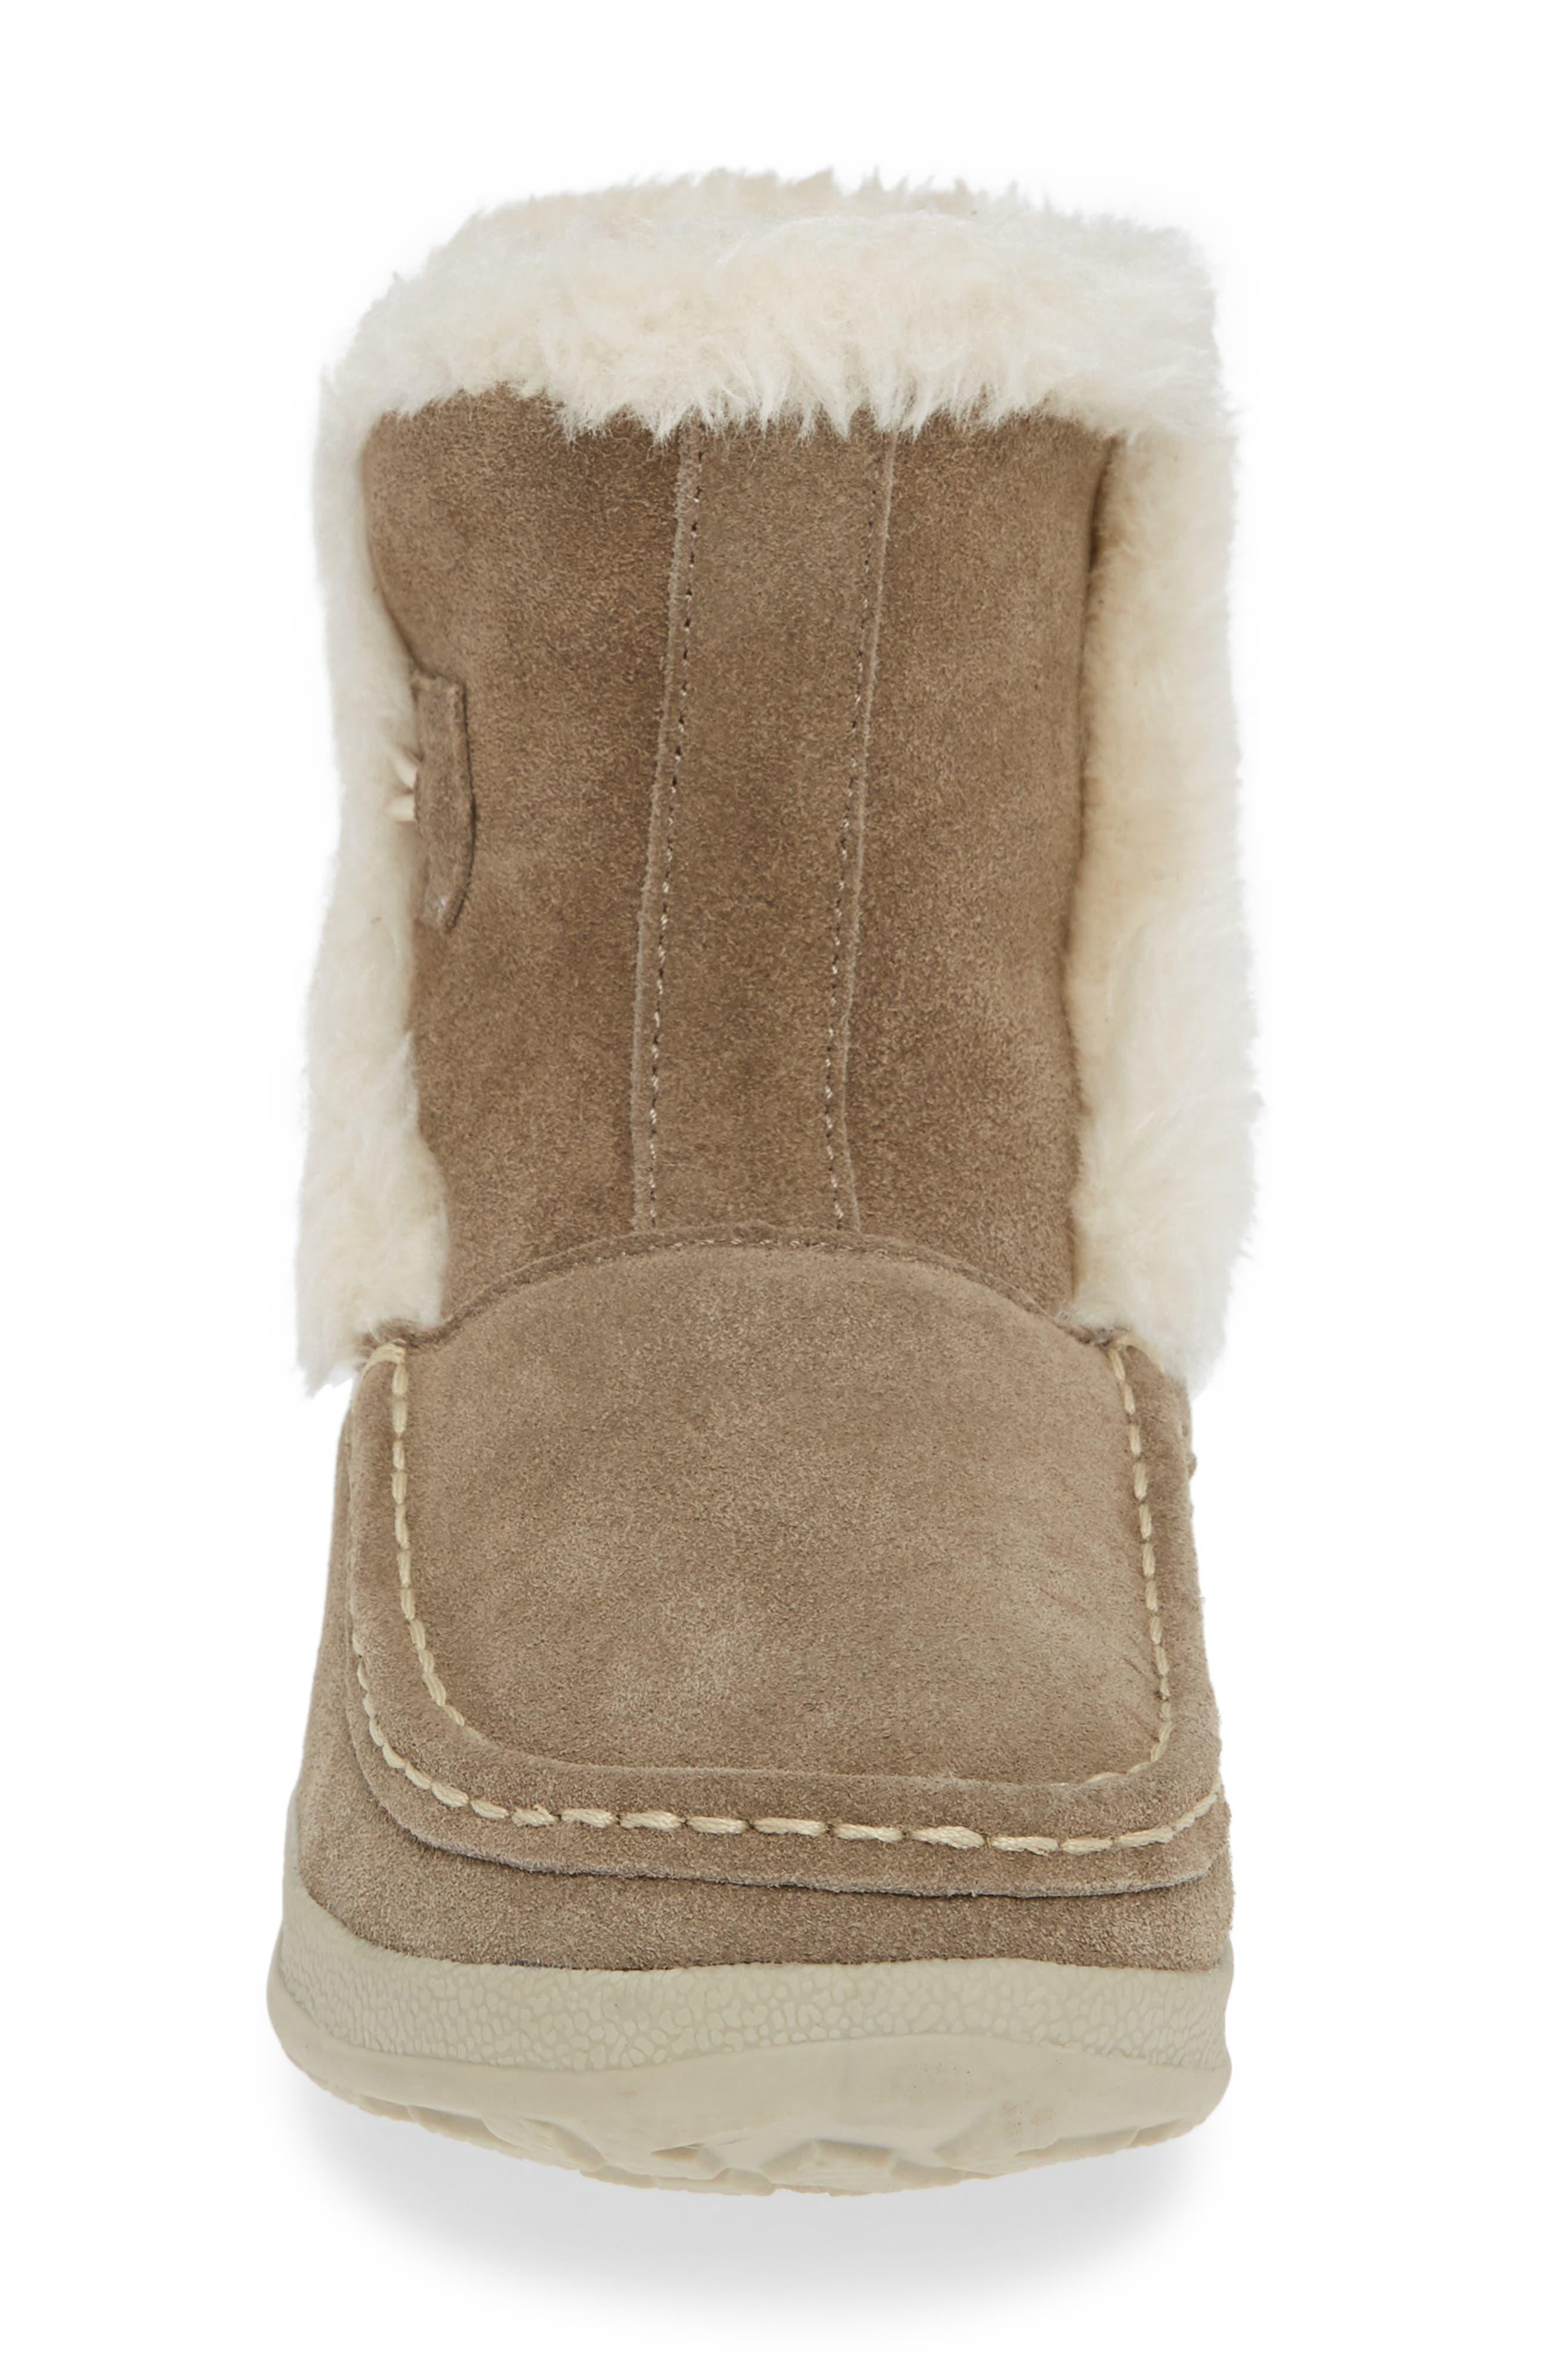 WOOLRICH,                             Pine Creek II Faux Fur Trim Boot,                             Alternate thumbnail 4, color,                             STEEL/ HERRINGBONE SUEDE